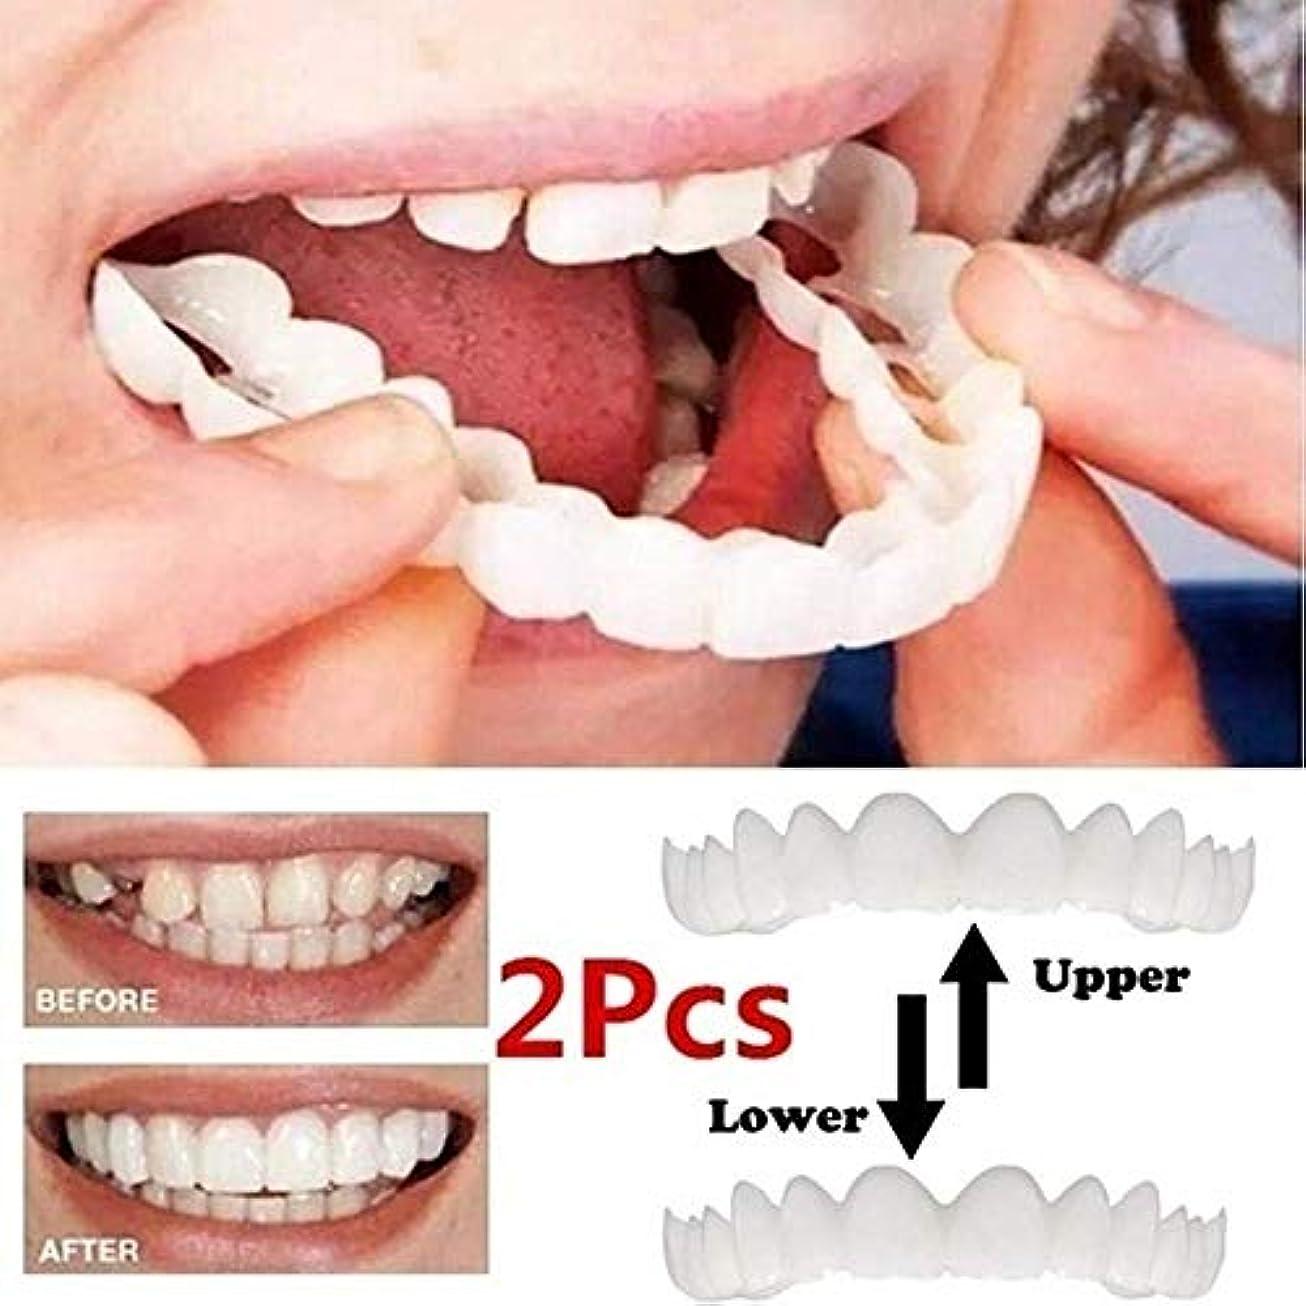 ラッドヤードキップリング問題突然2ピース上下義歯インスタントスマイルコンフォートフレックス化粧品歯義歯1つのサイズにフィット最も快適な義歯ケア